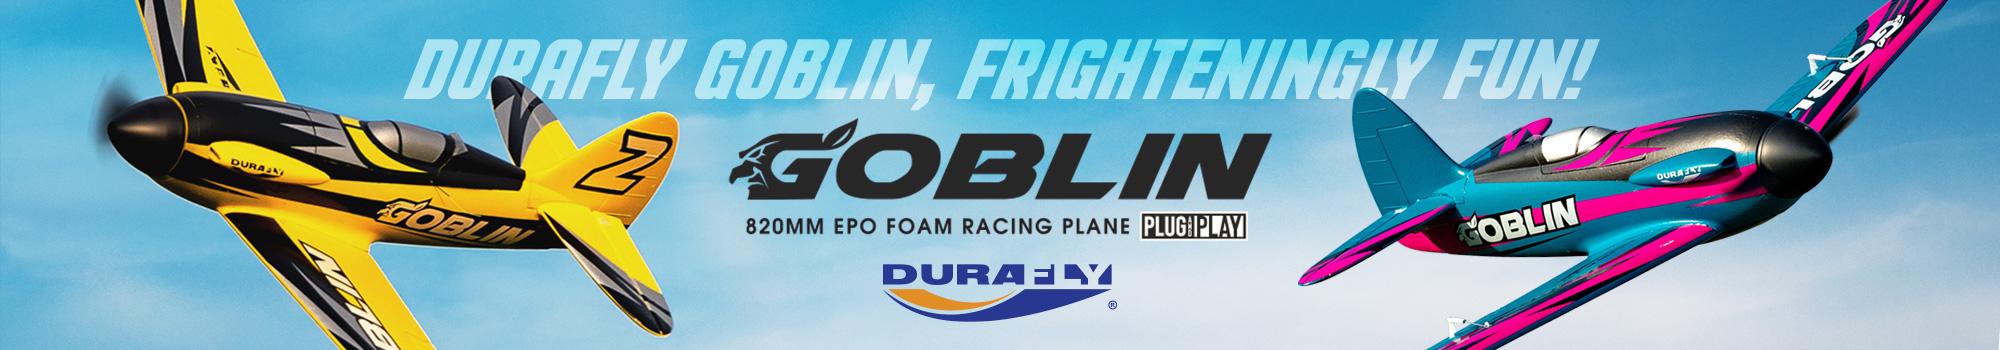 Durafly Goblin, Frighteningly Fun!